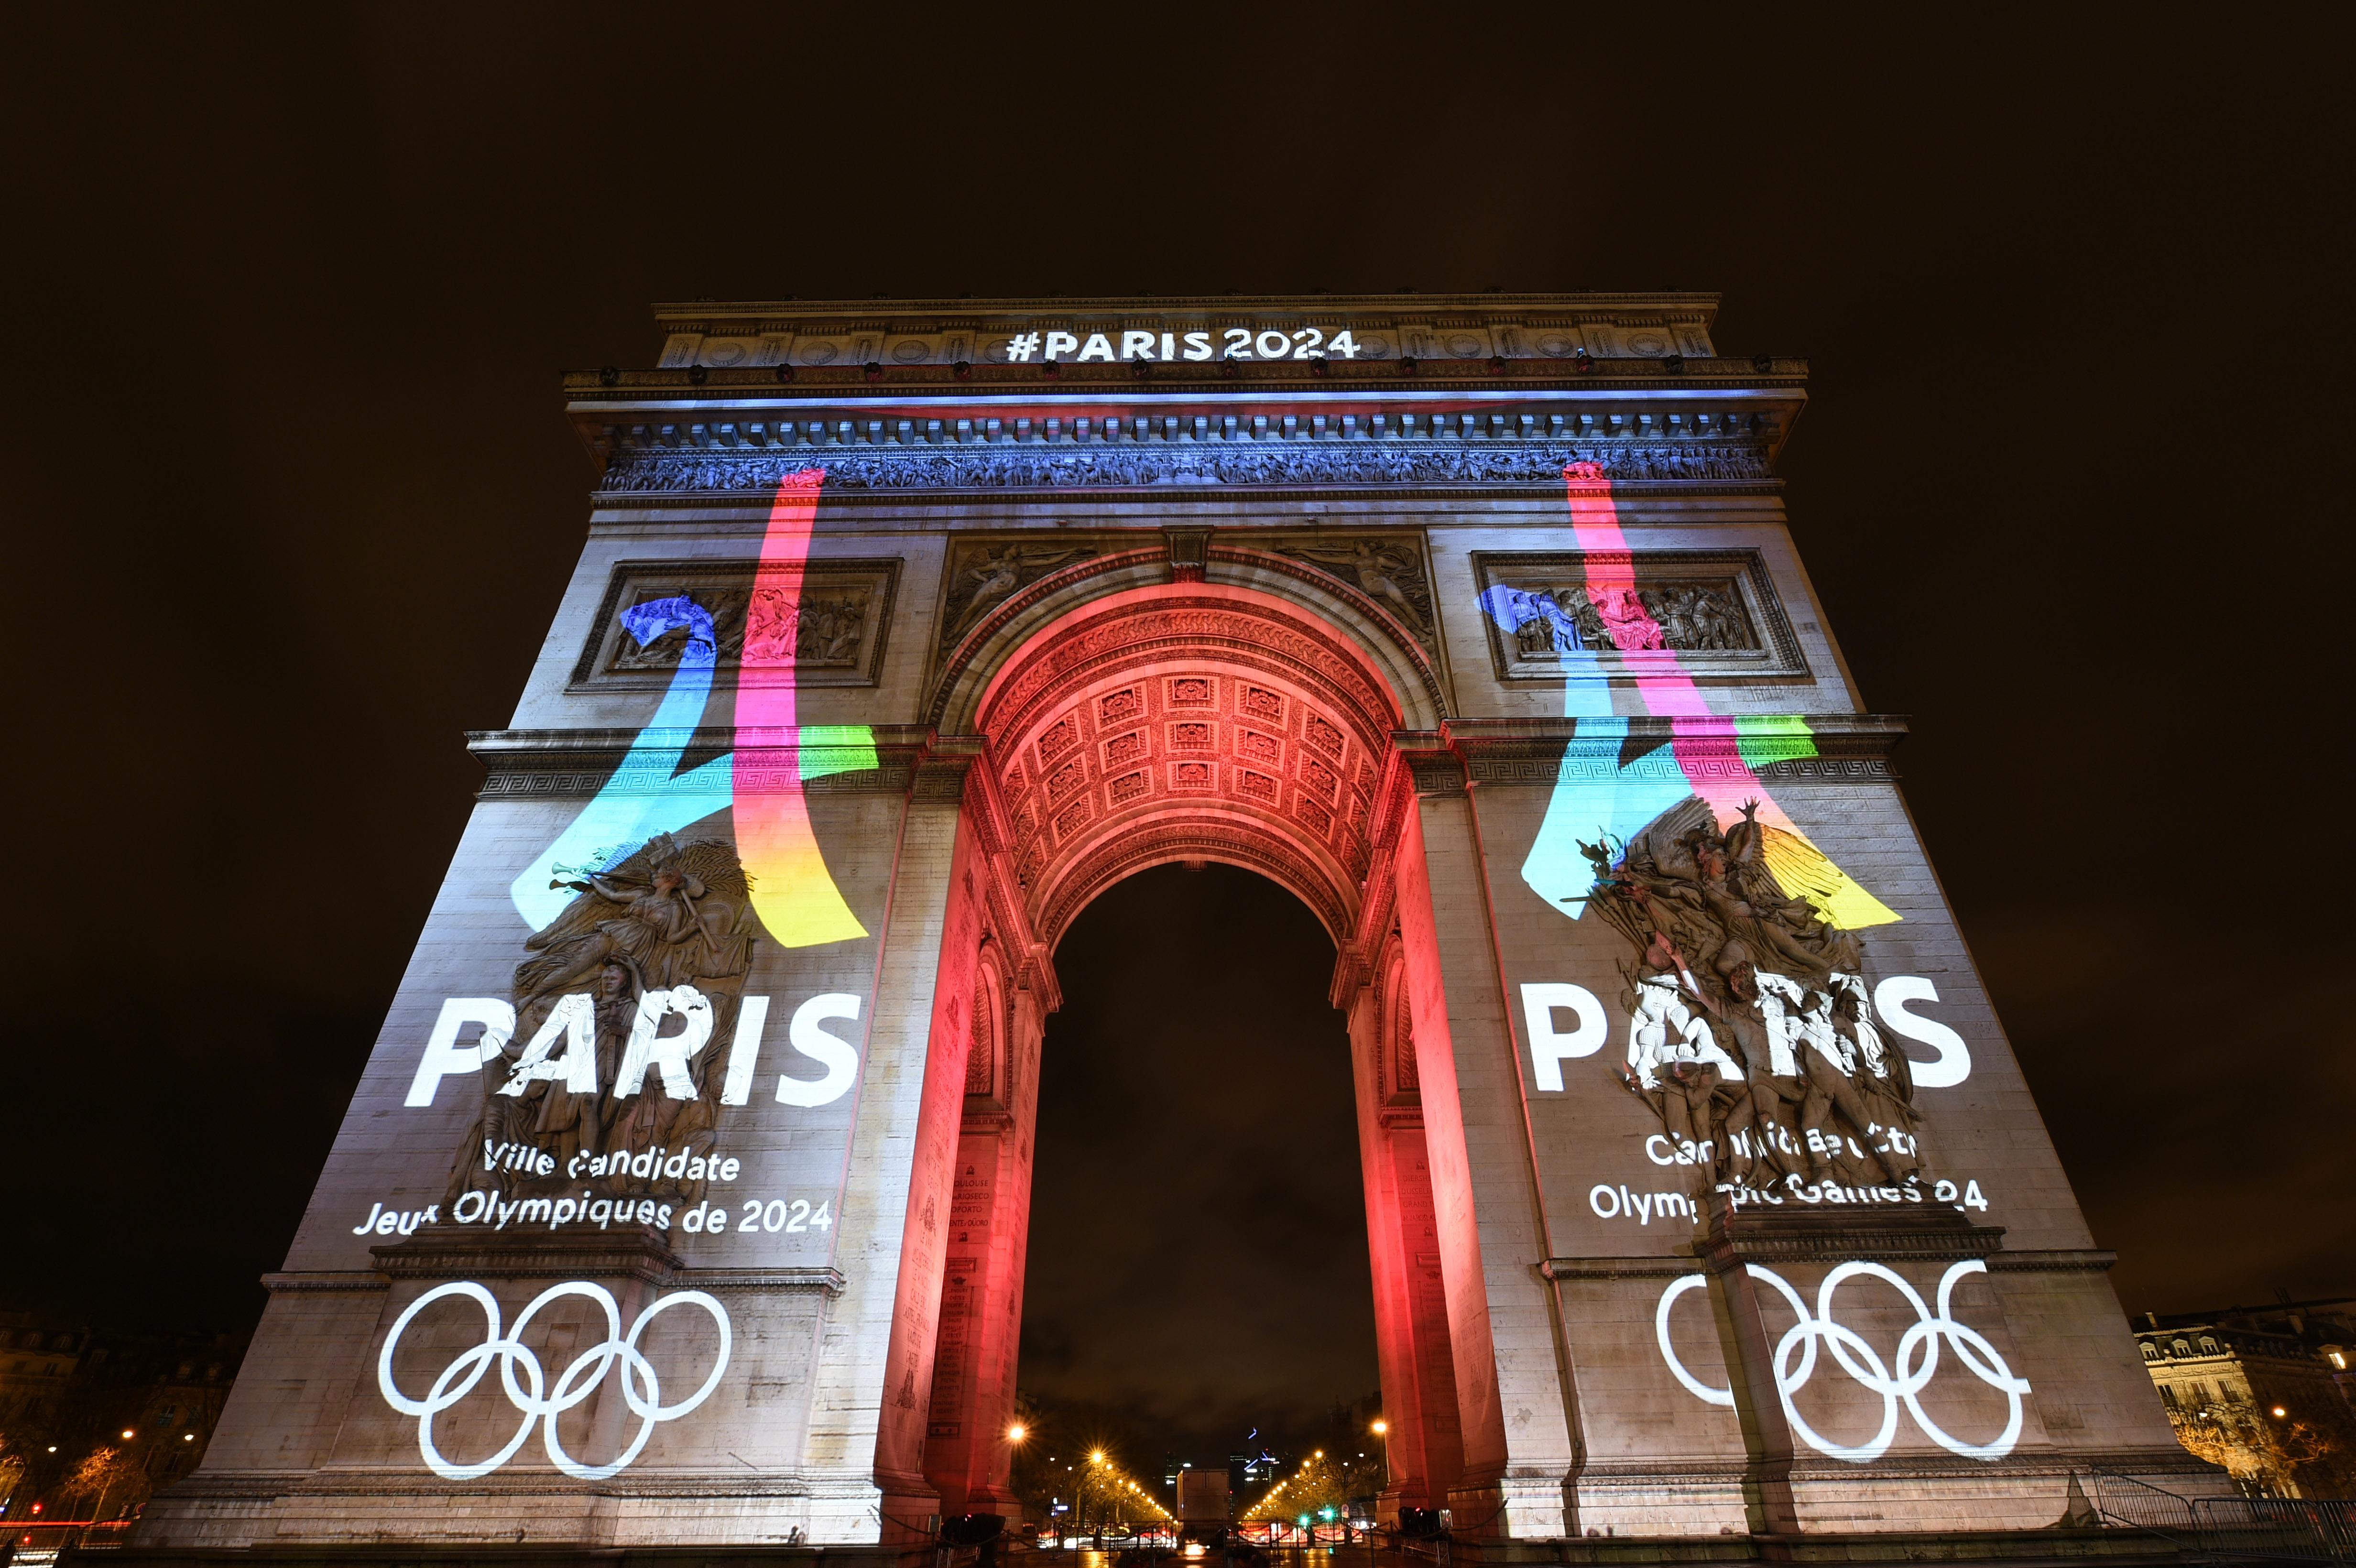 Dimanche 18 Aout Paris Paris Logo